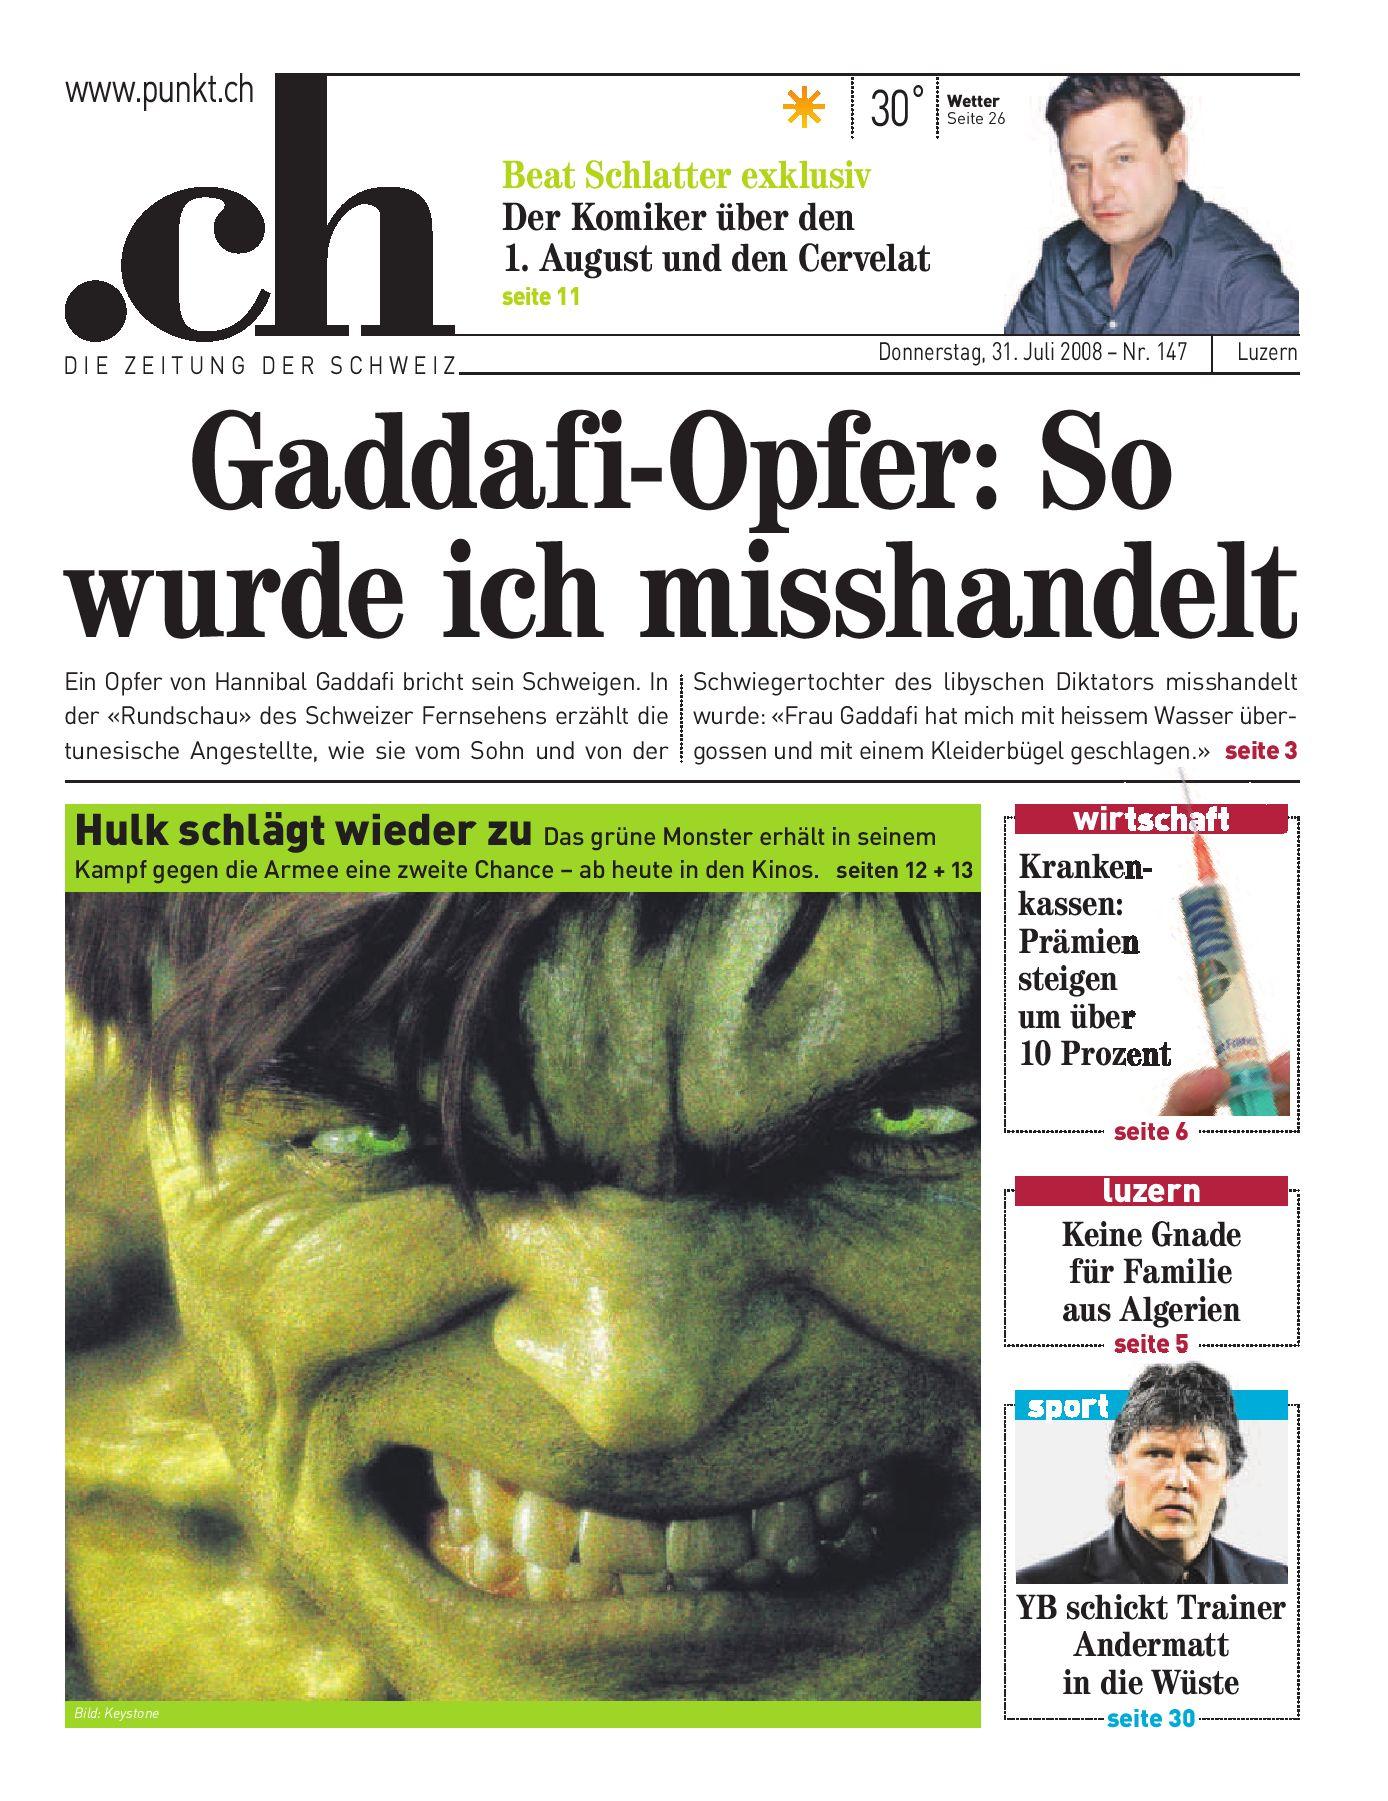 Nr. 444 / April 2018 - Gemeinde Eschenbach-Luzern